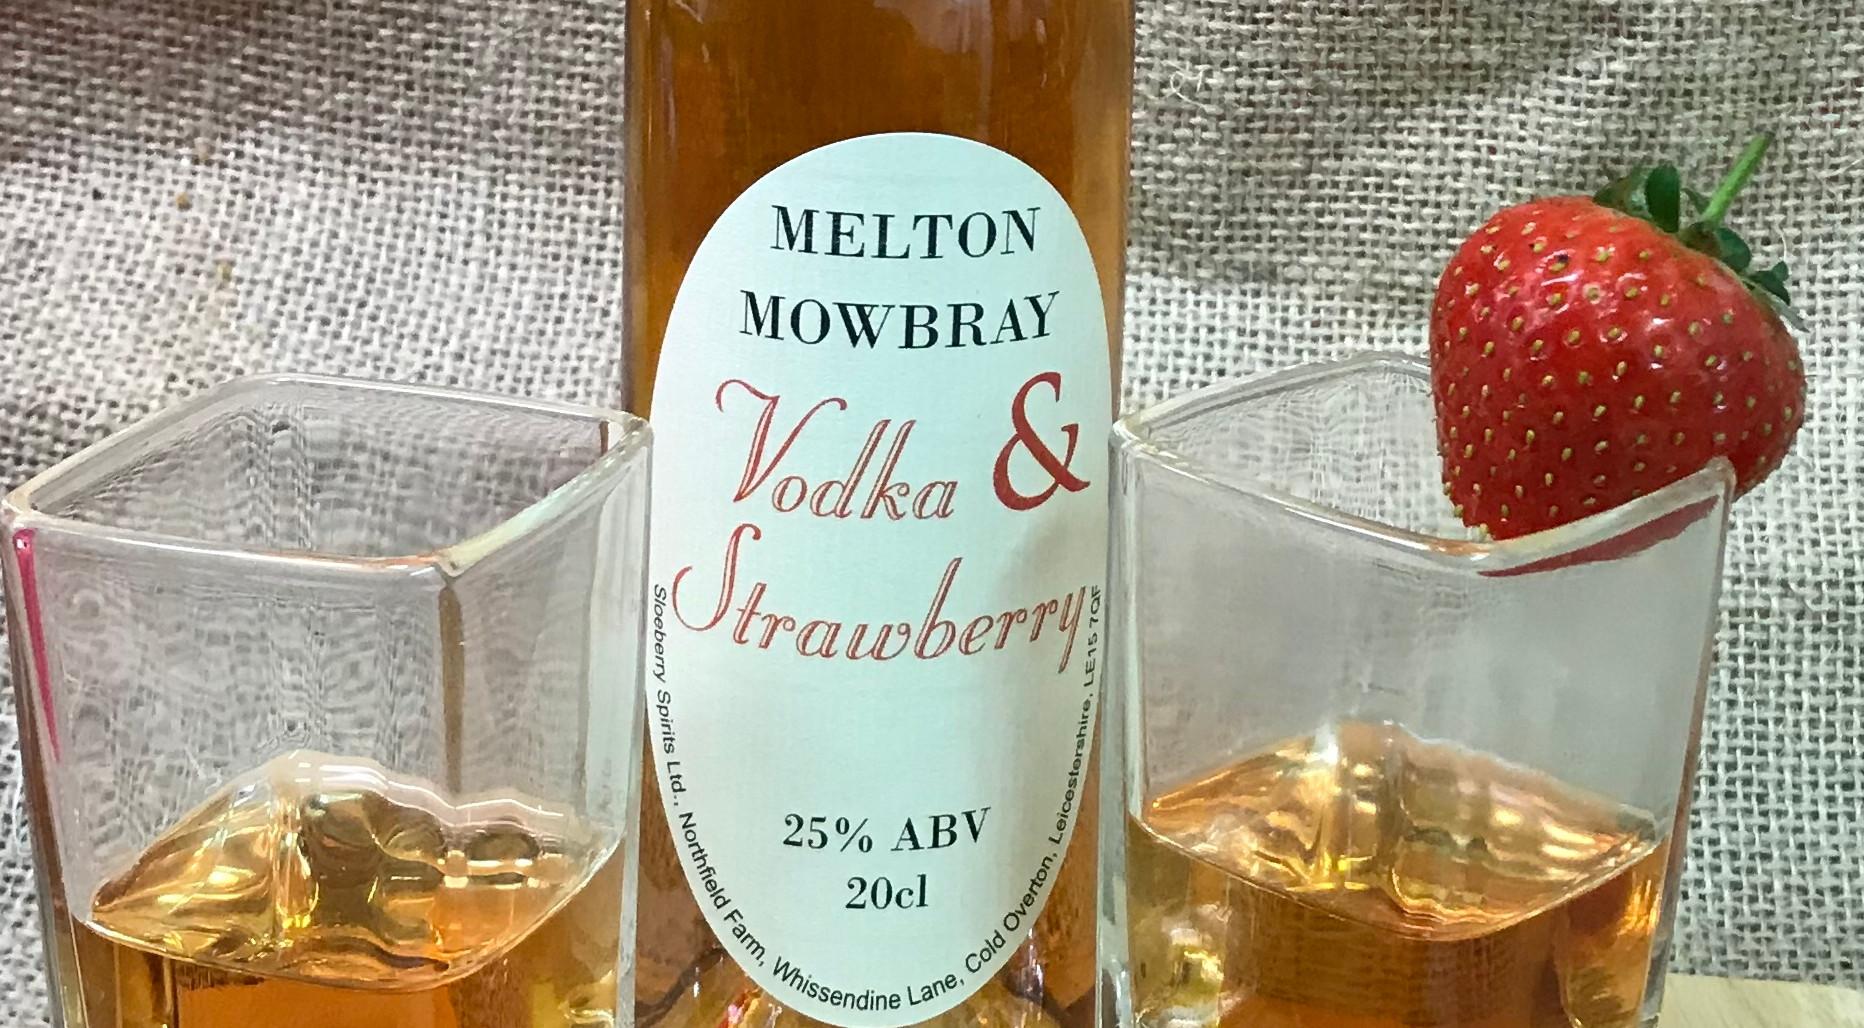 Strawberry Vodka in a glass